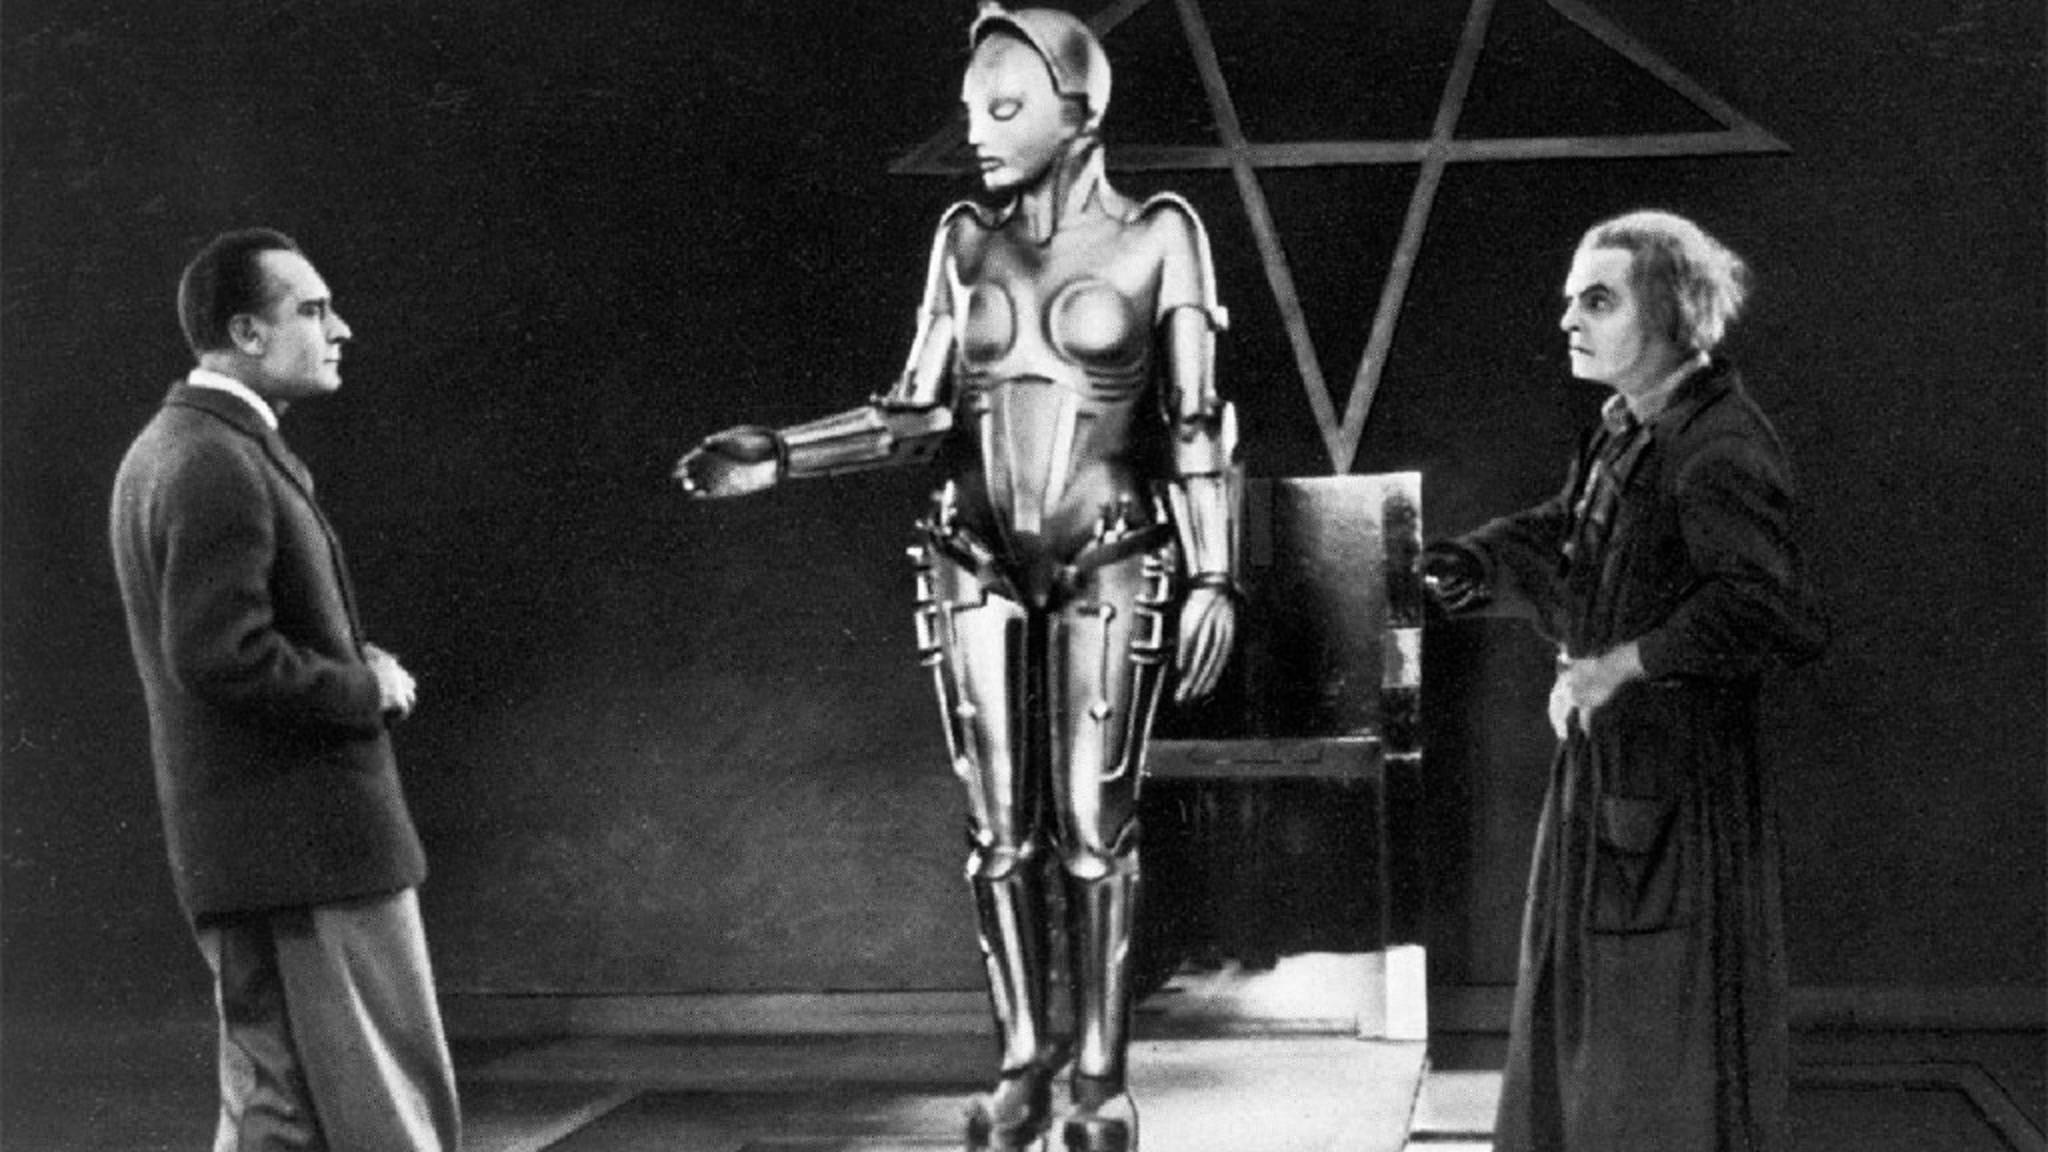 """Fritz Langs """"Metropolis"""" wurde dank seiner futuristischen Ästhetik zum filmischen Meilenstein."""